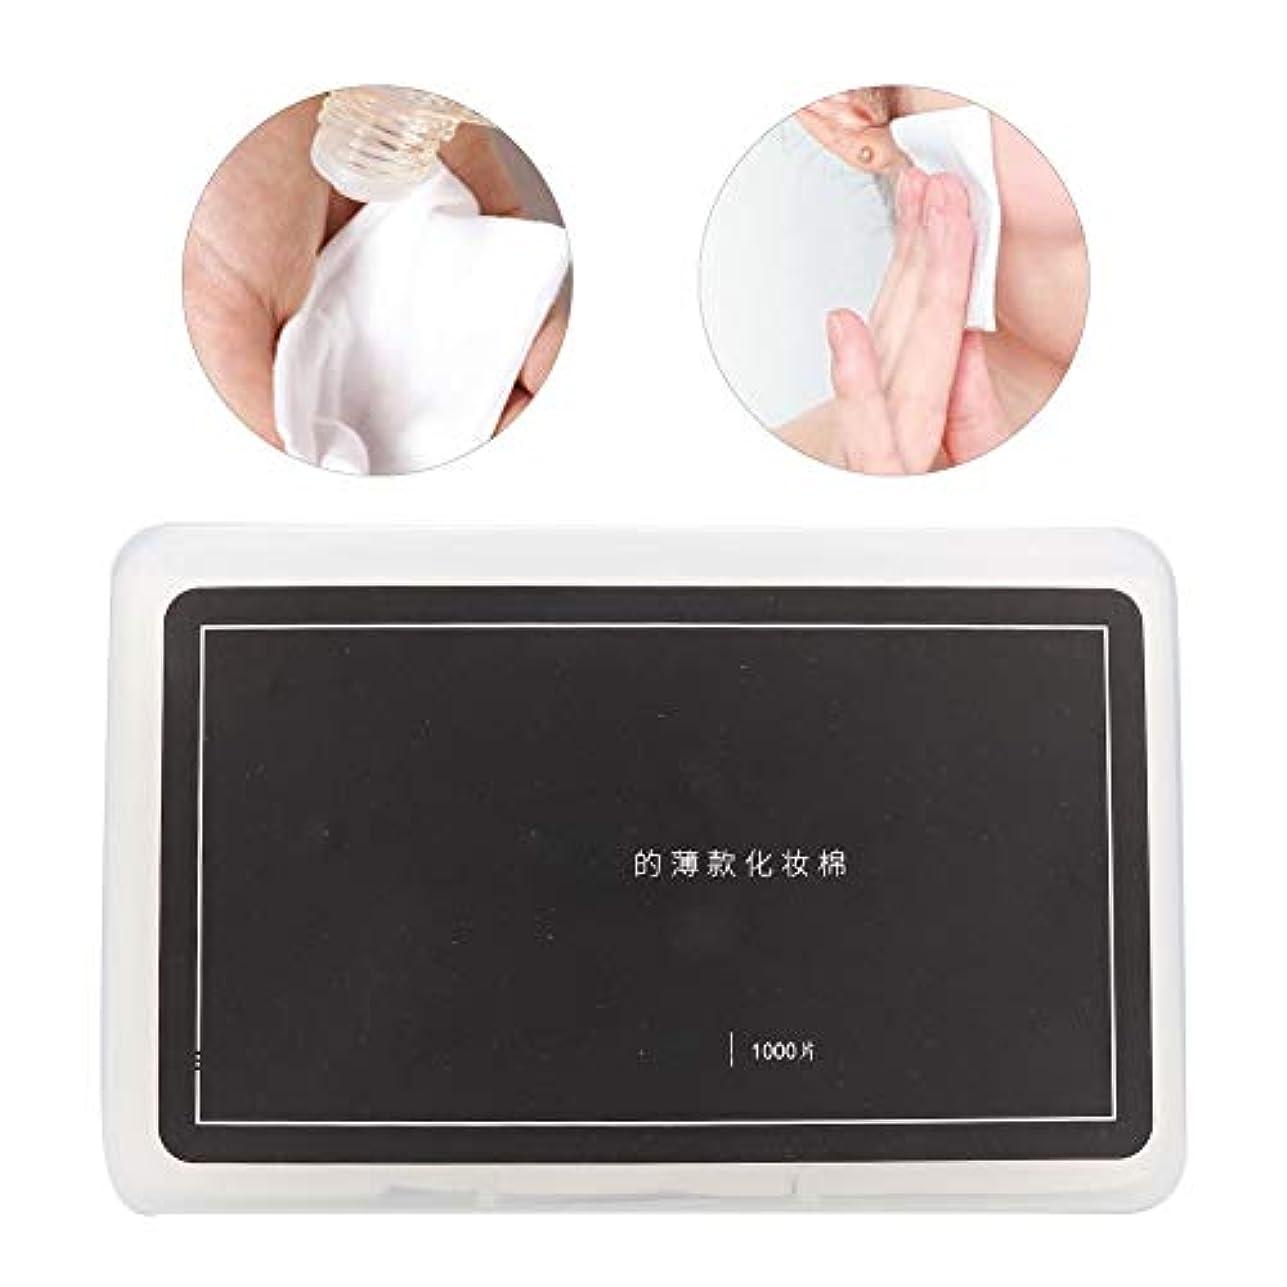 ベットパトロール制裁1000Pcs化粧コットンパッド、化粧落としネイルケア肌のためのボックスパッケージが付いている柔らかく穏やかな引き裂き抵抗の綿きれいに、不織布乾いたと濡れたデュアルユースコットン(1)